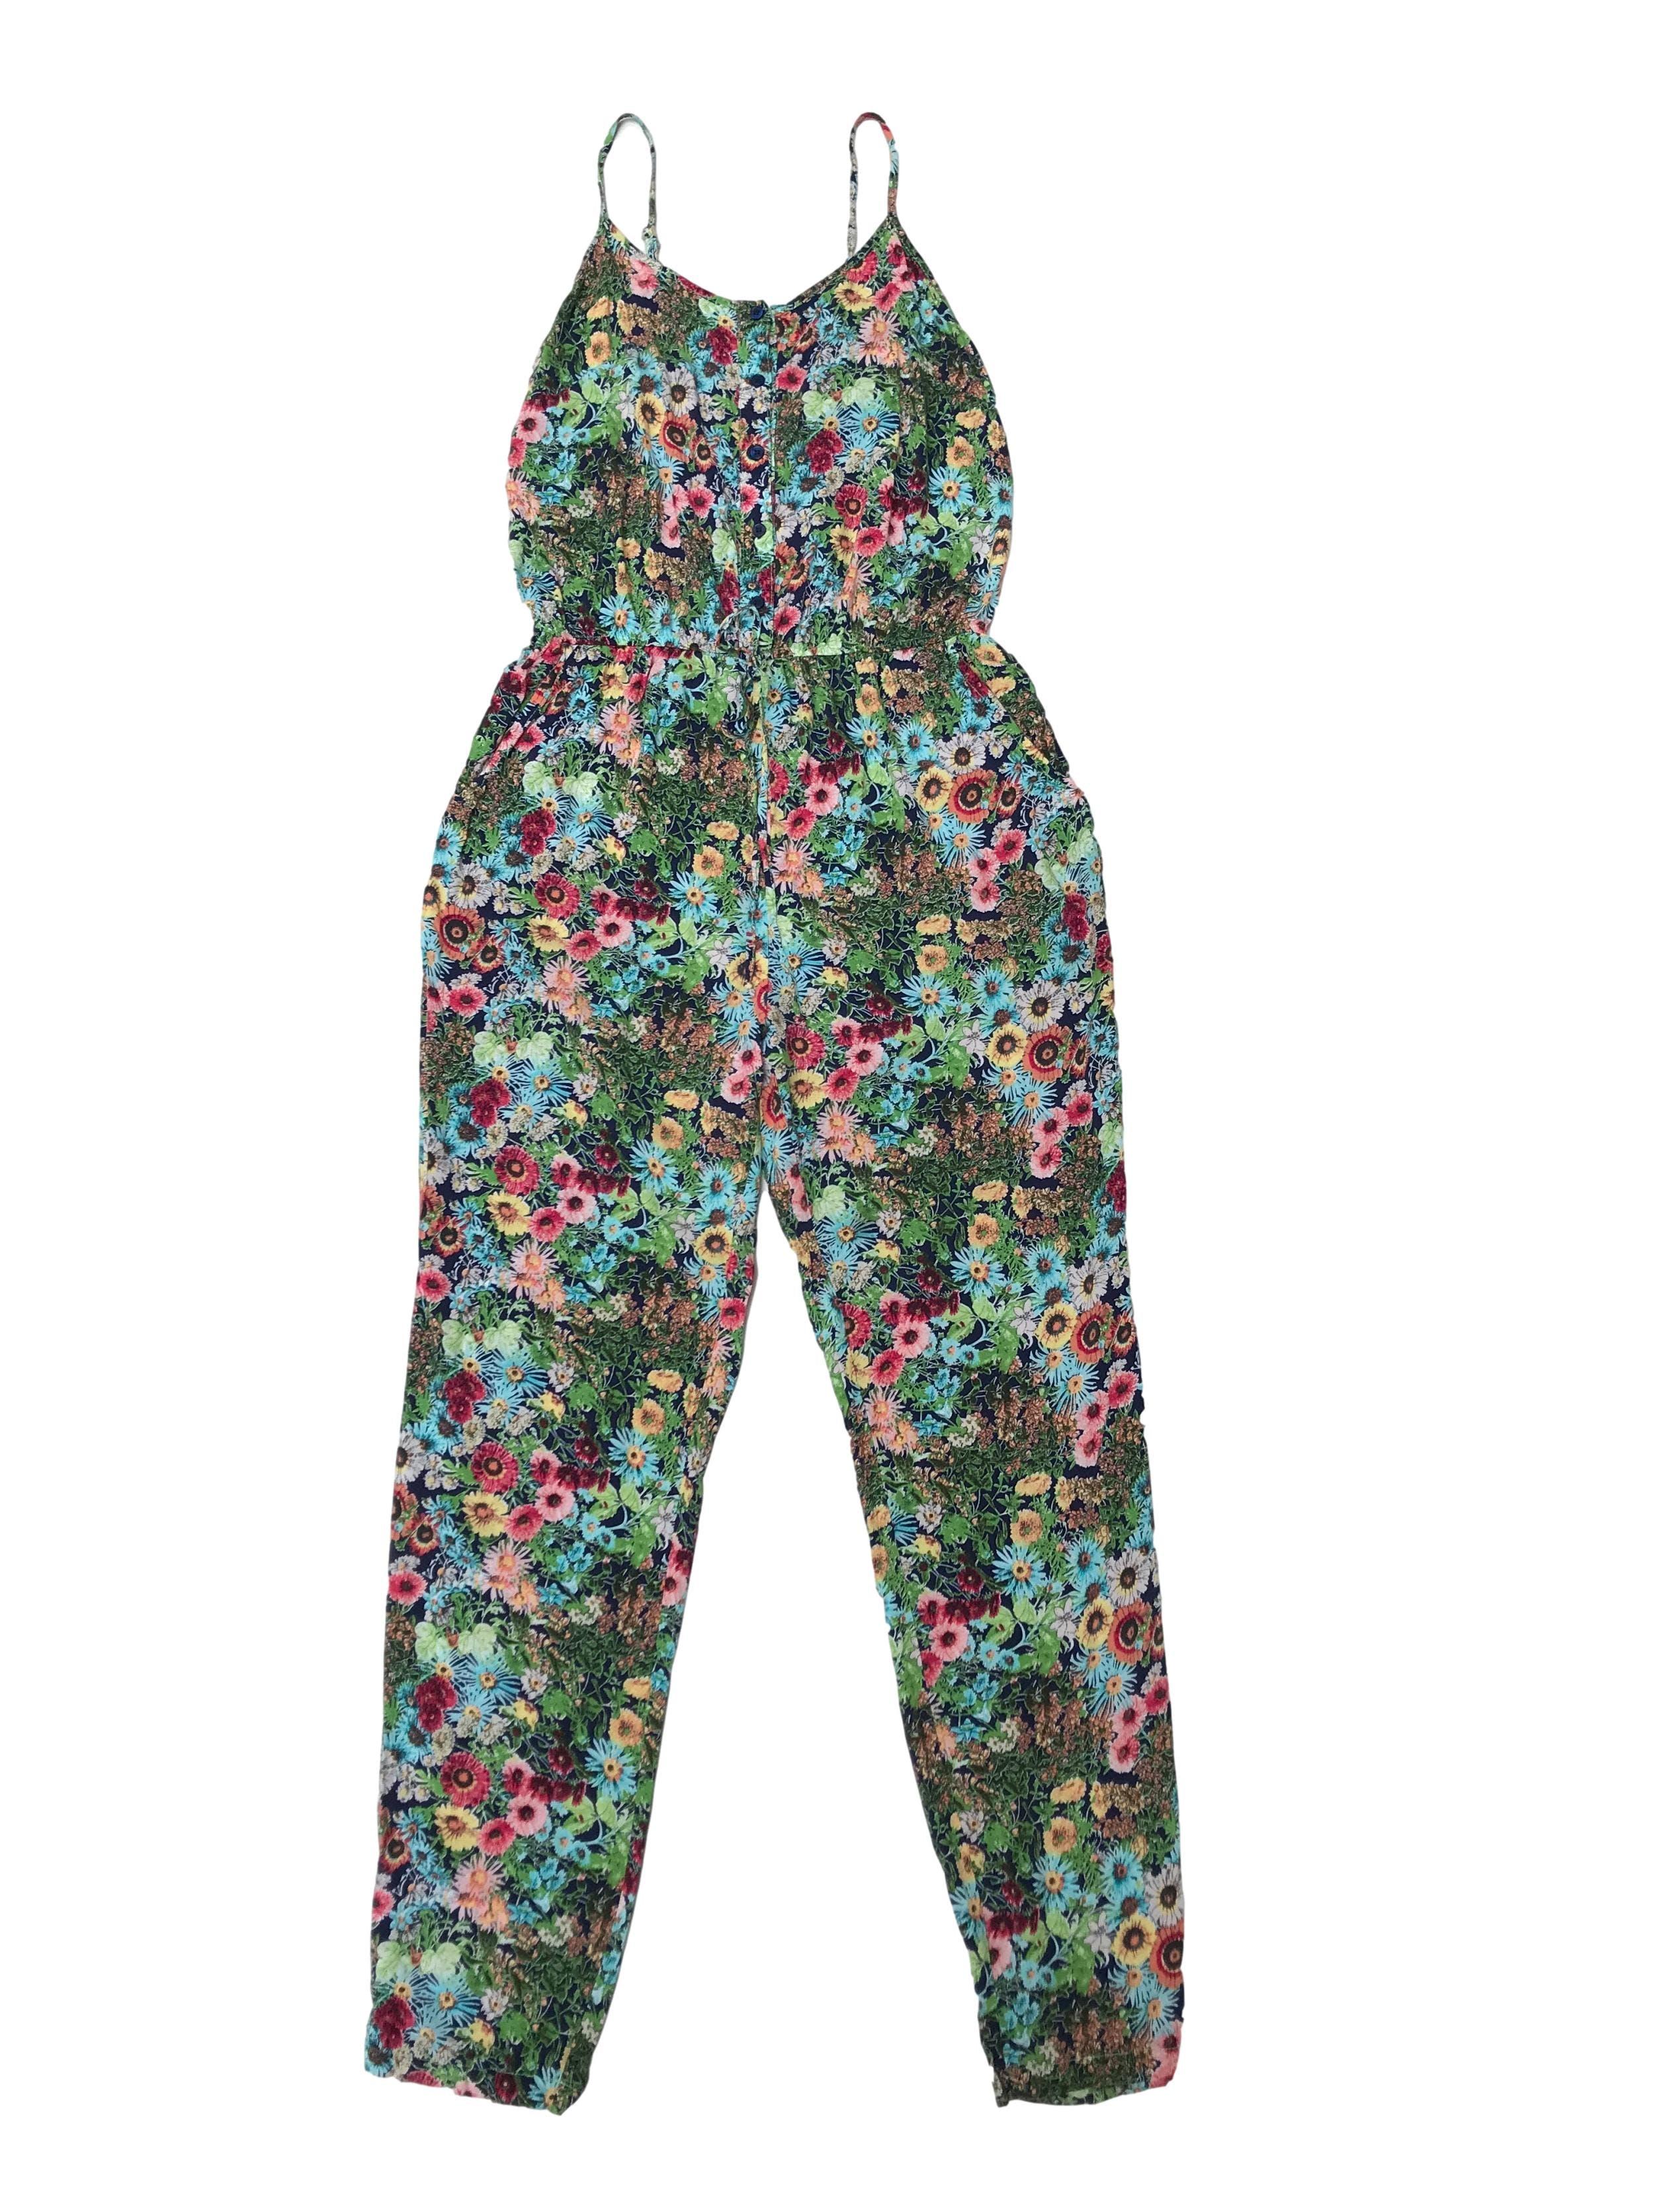 Enterizo pantalón estampado de flores, elástico en la cintura y bolsillos laterales, tela fresca tipo chalis